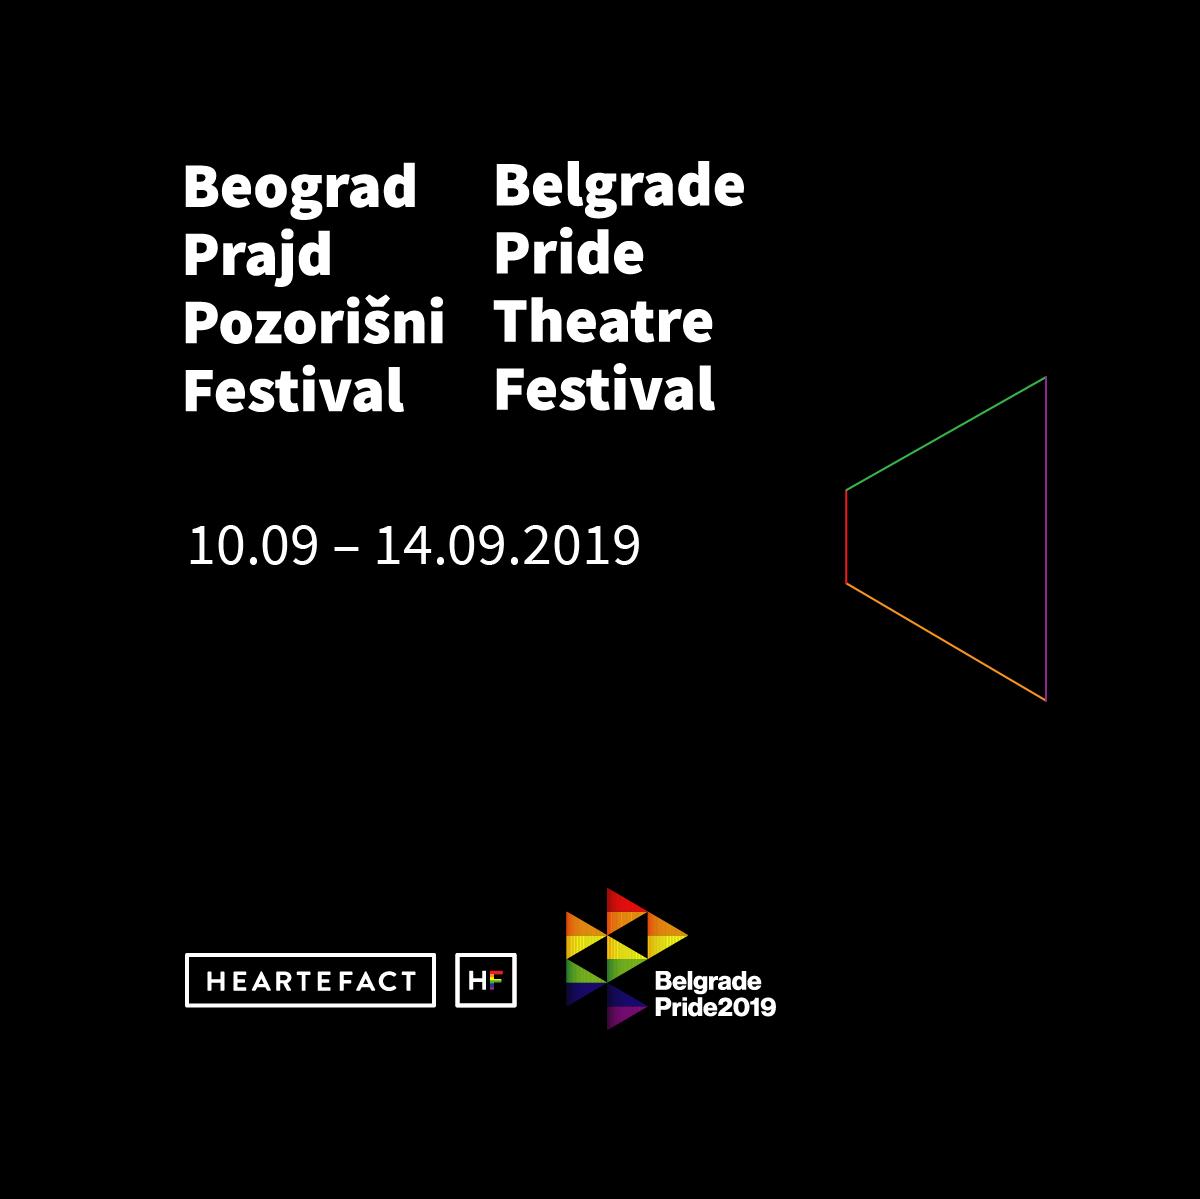 Beograd Prajd Pozorisni Festival (002)